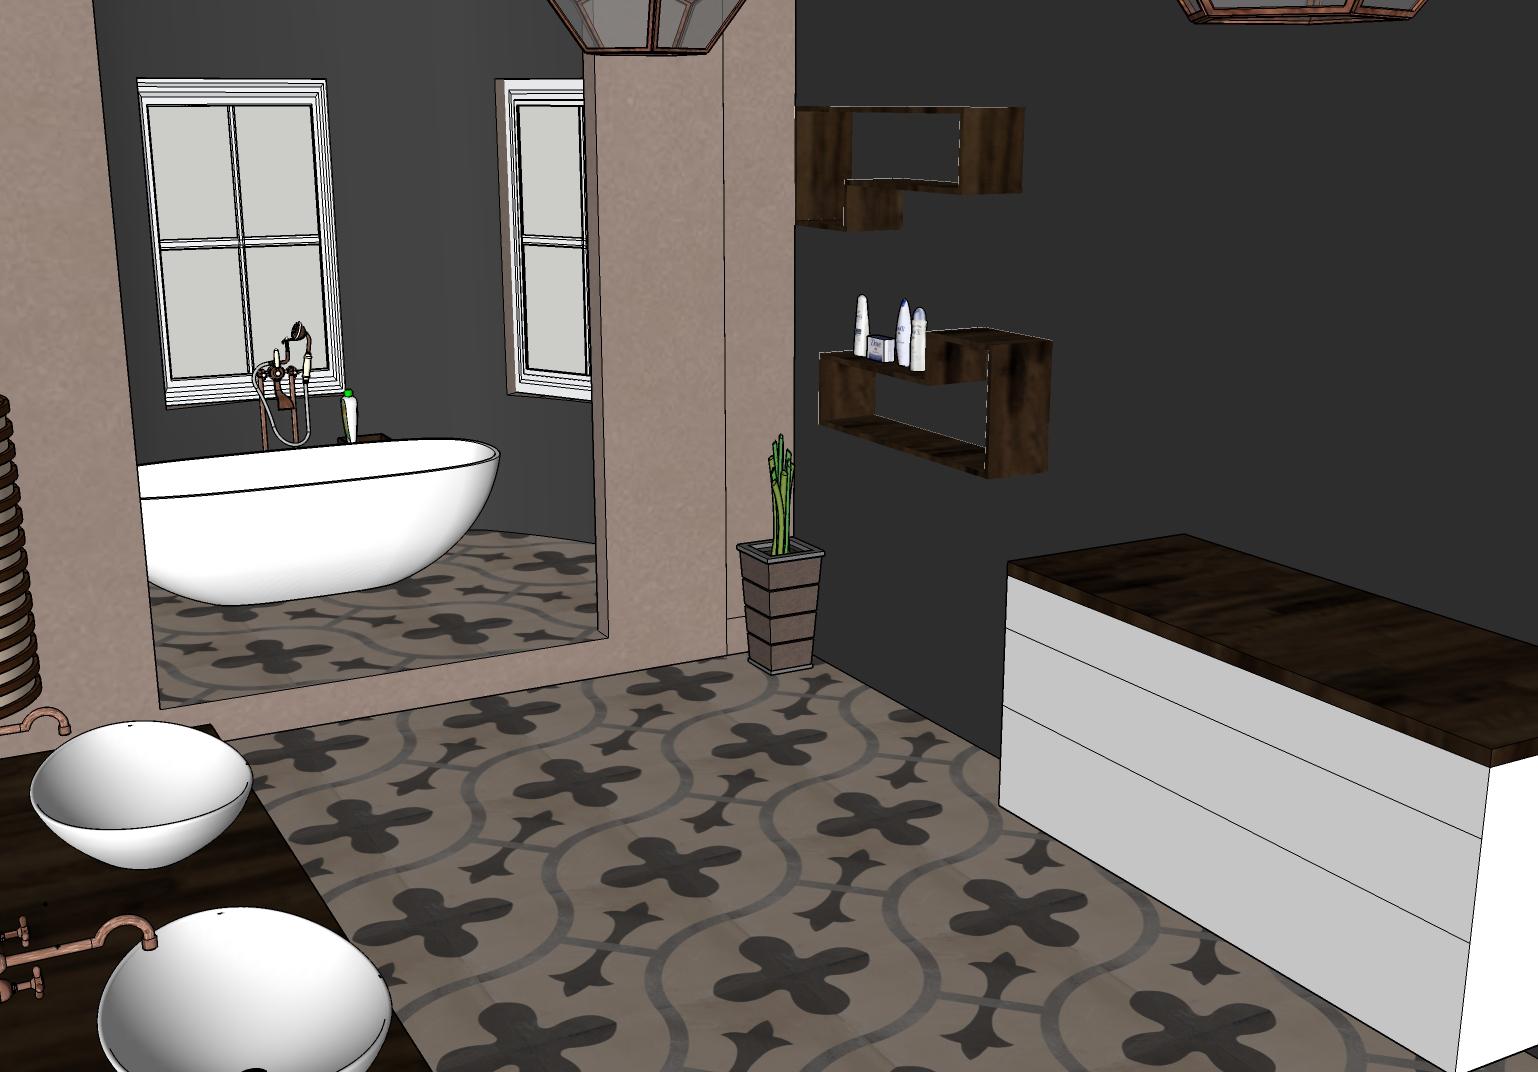 Denisa_¶lebsk†_koupelna_3Dvizualizace, 3.roün°k